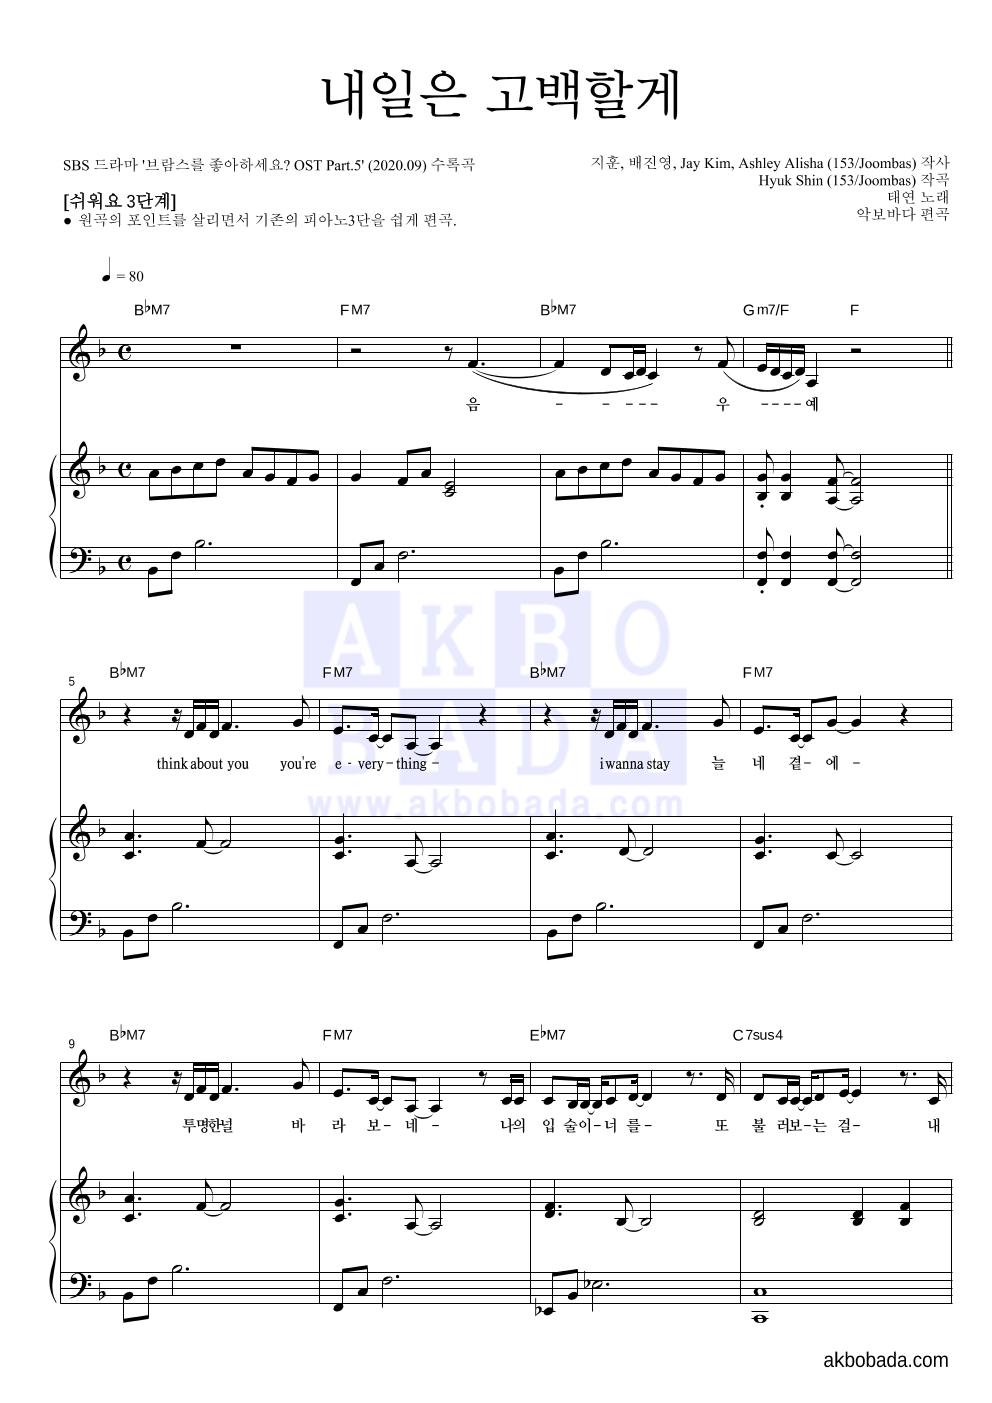 태연 - 내일은 고백할게 피아노3단-쉬워요 악보